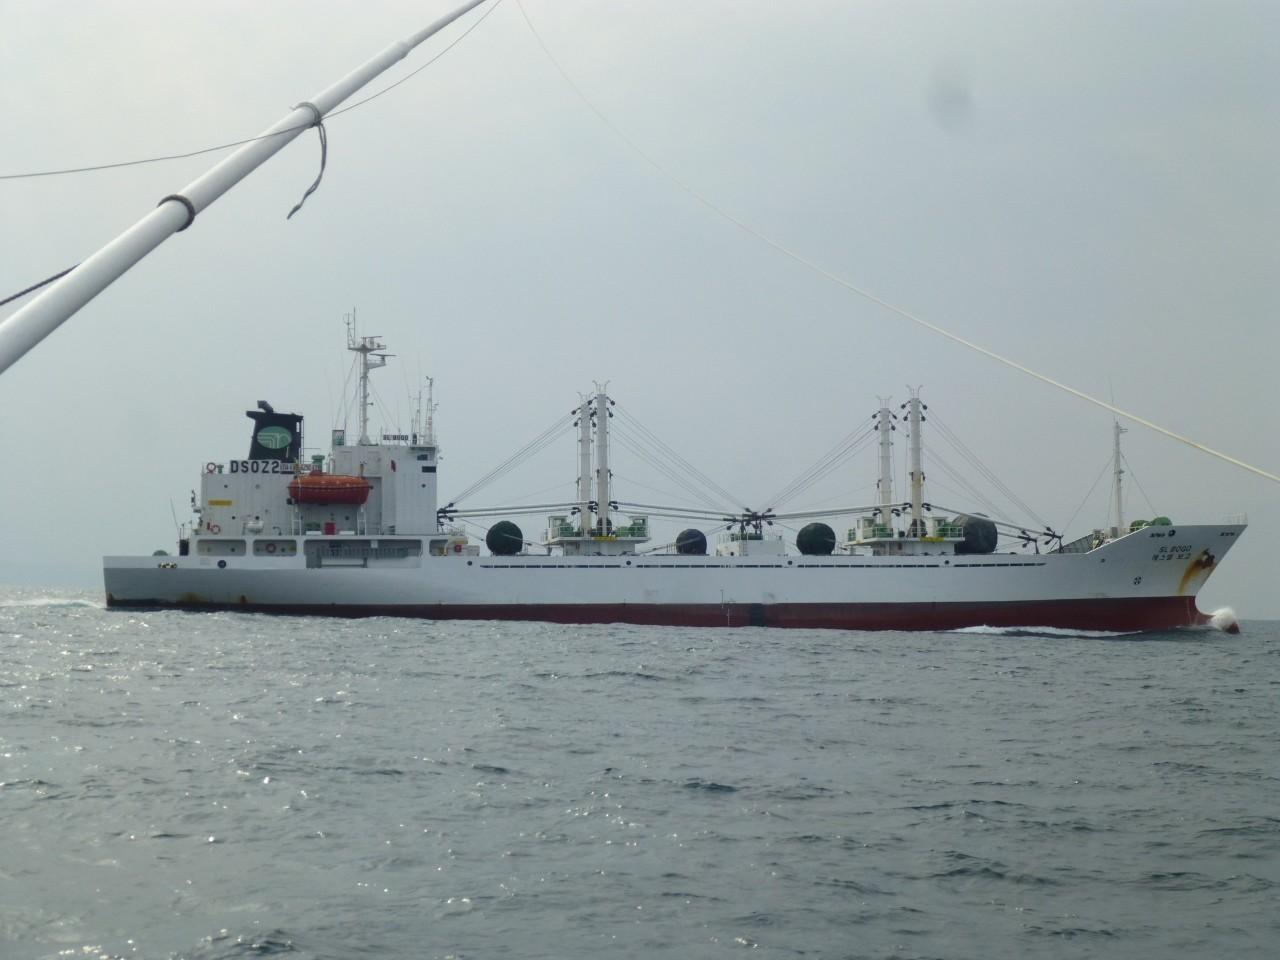 1月25日 外国船がすぐ近くを通過します 釜山行き